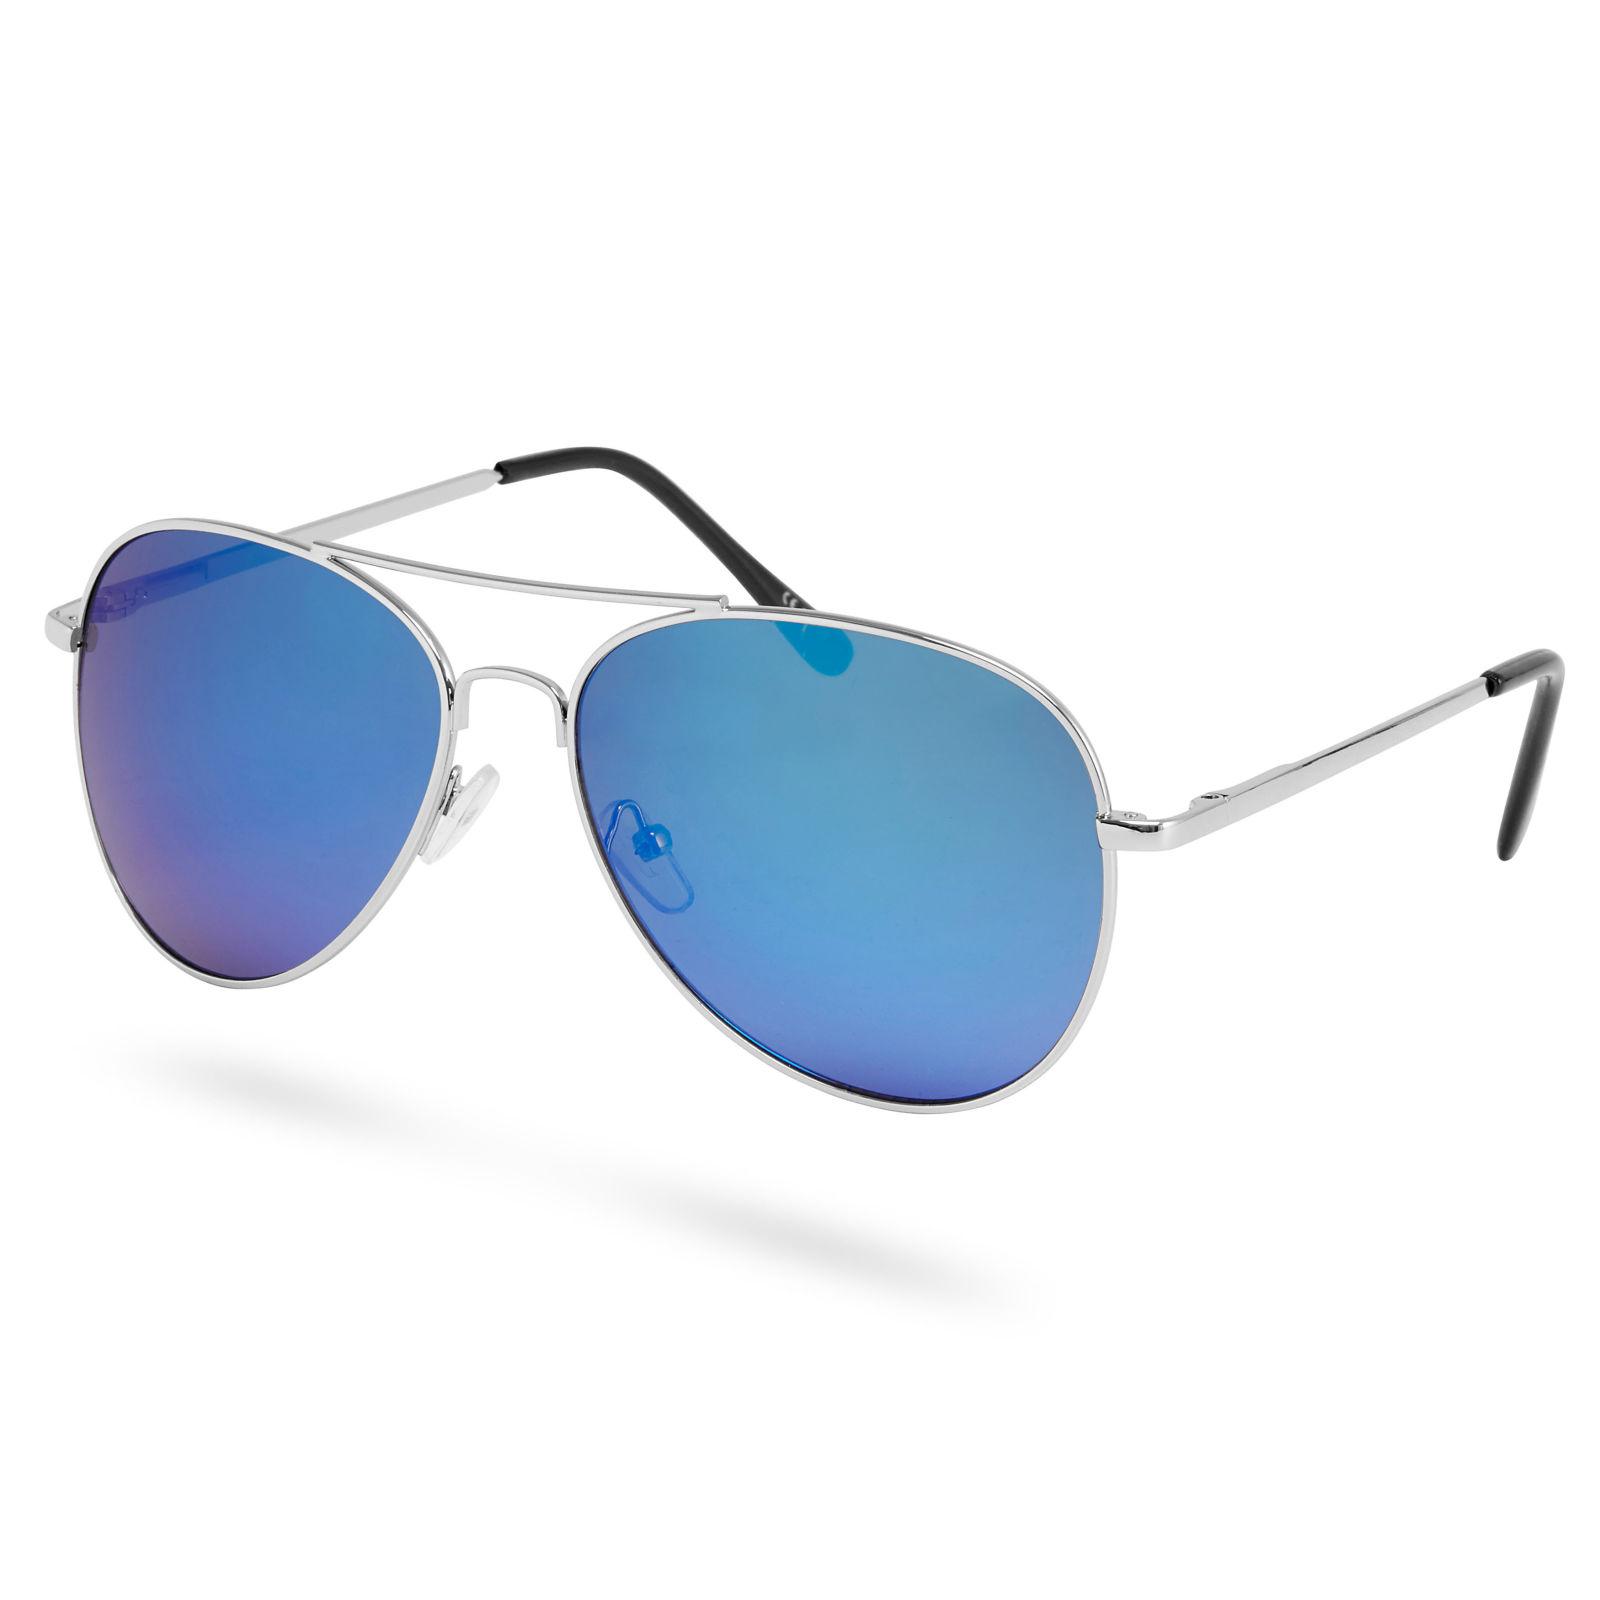 df957becdf34 Sølv   Blå Aviator Solbriller med Spejlglas